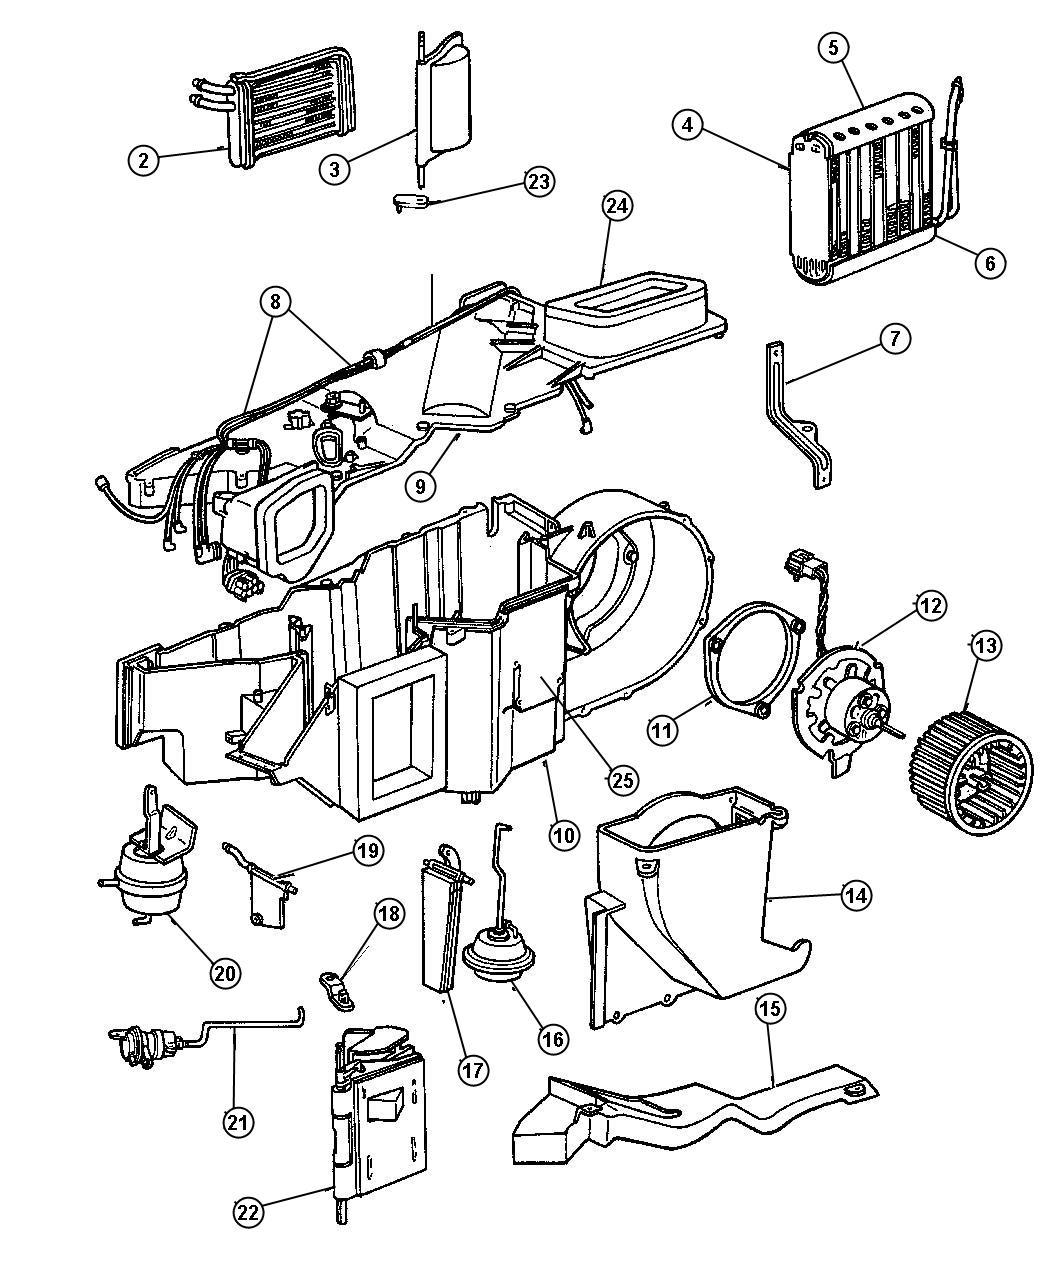 Dodge Dakota Evaporator Air Conditioning Coil A C